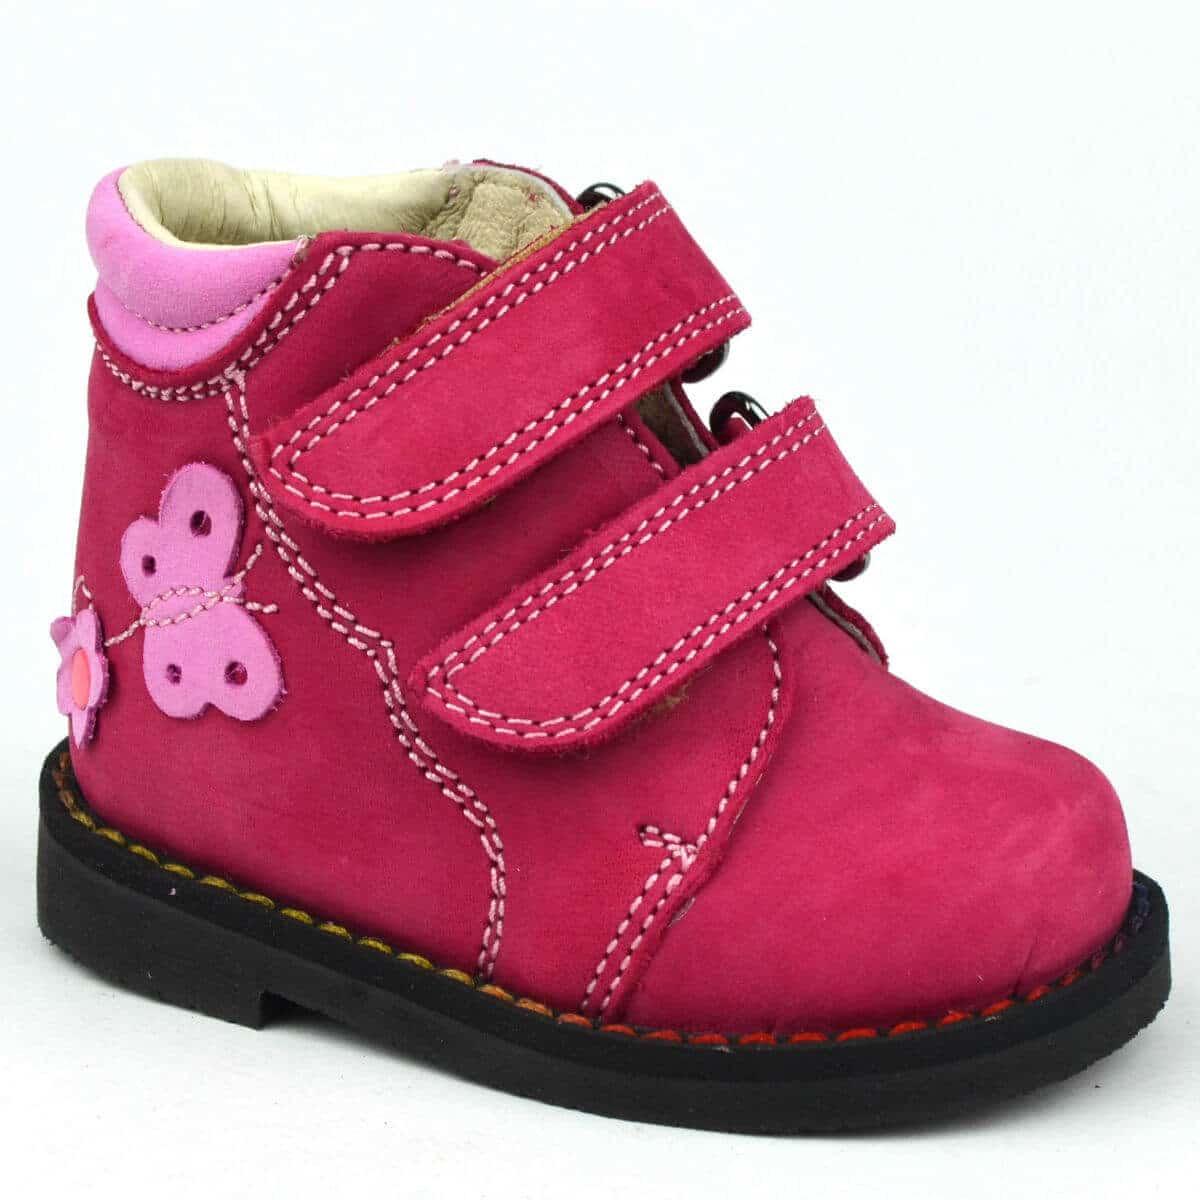 Prémium keskeny Flo 810 Salus gyermek cipő lány 25 30